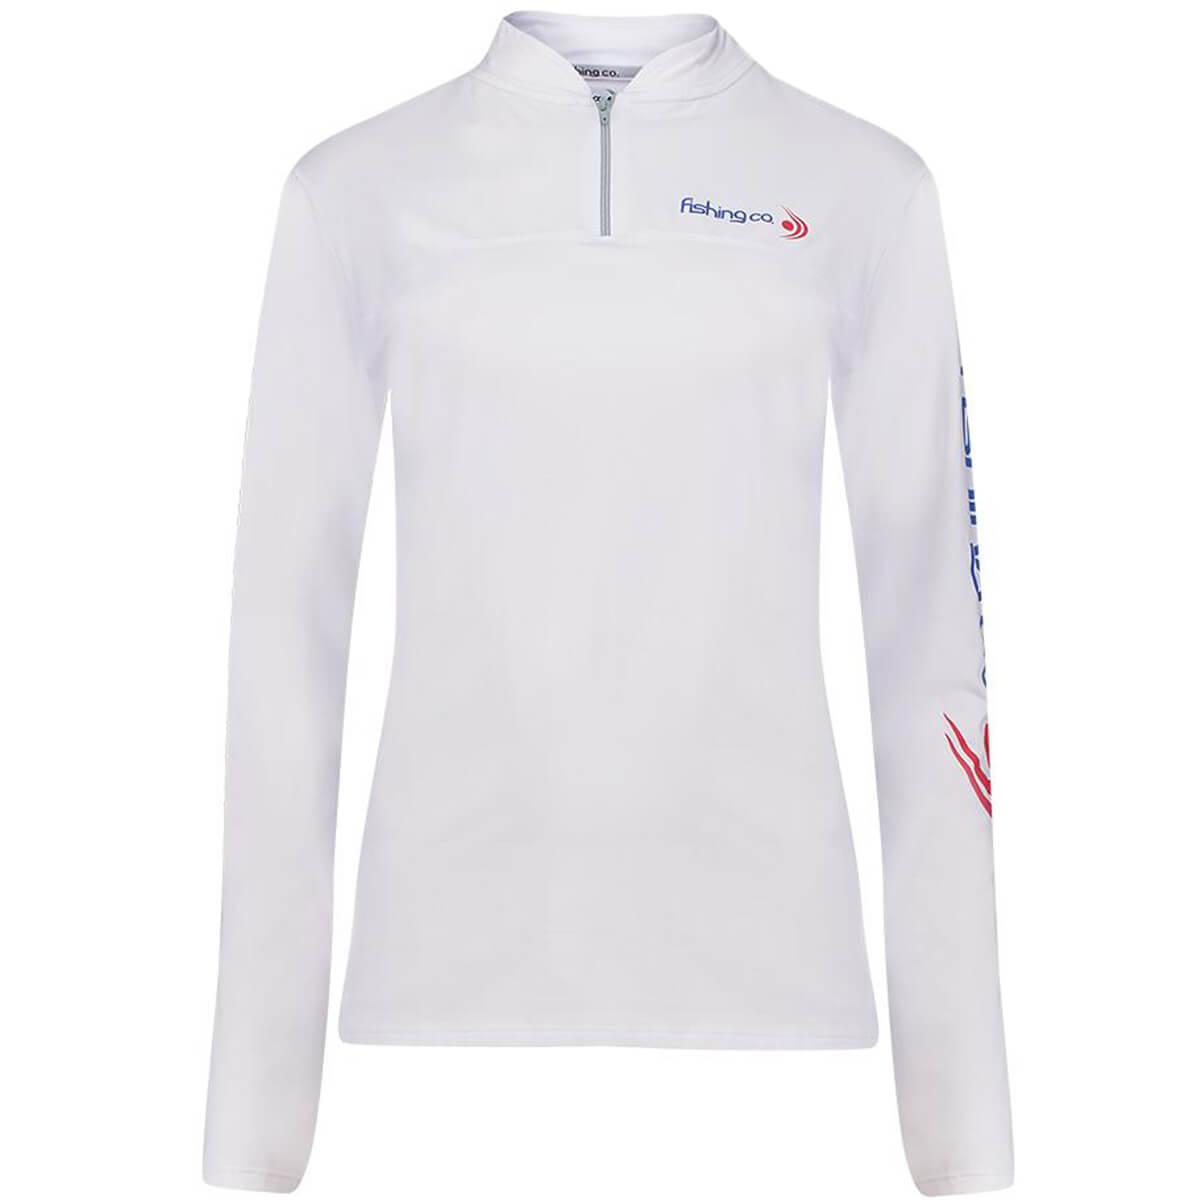 Camiseta Fishing Co com Zíper Branco